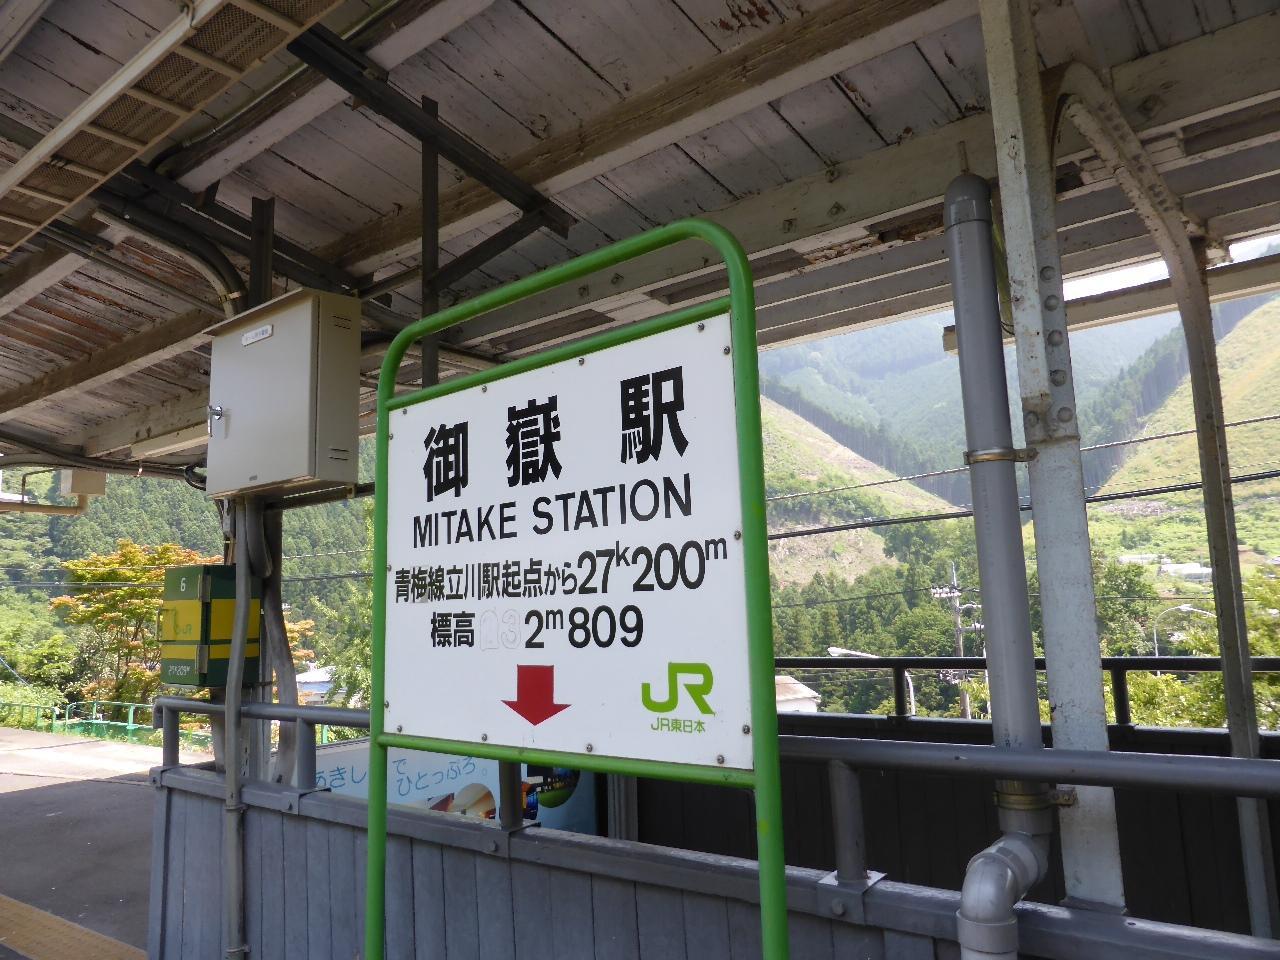 【御岳山ケーブルカー】アクセス・営業時間・料金 …